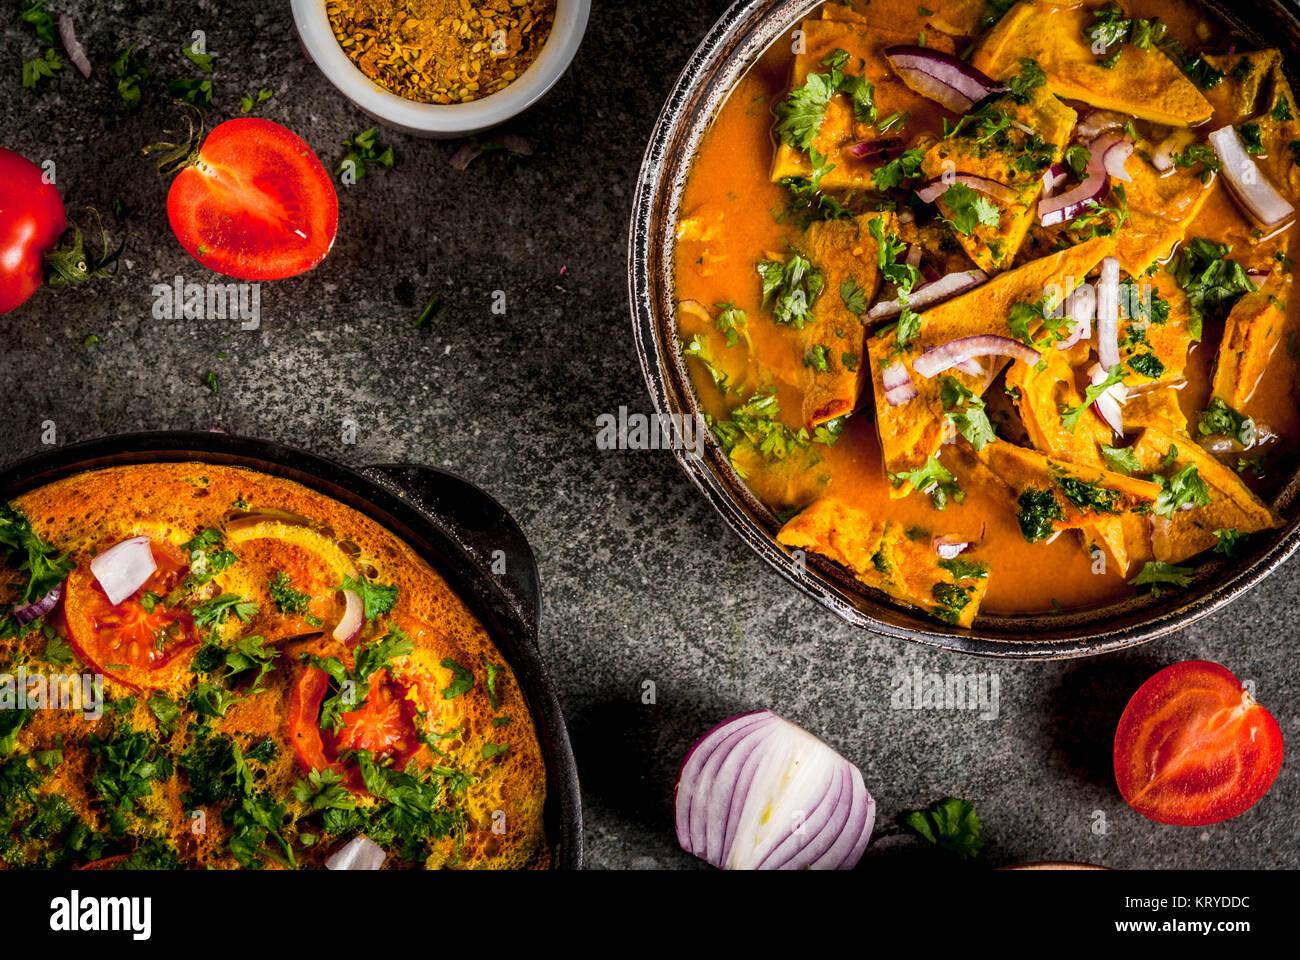 Recettes de cuisine indienne, Masala omelette avec omelette et indien Masala Egg Curry, avec des légumes frais Photo Stock